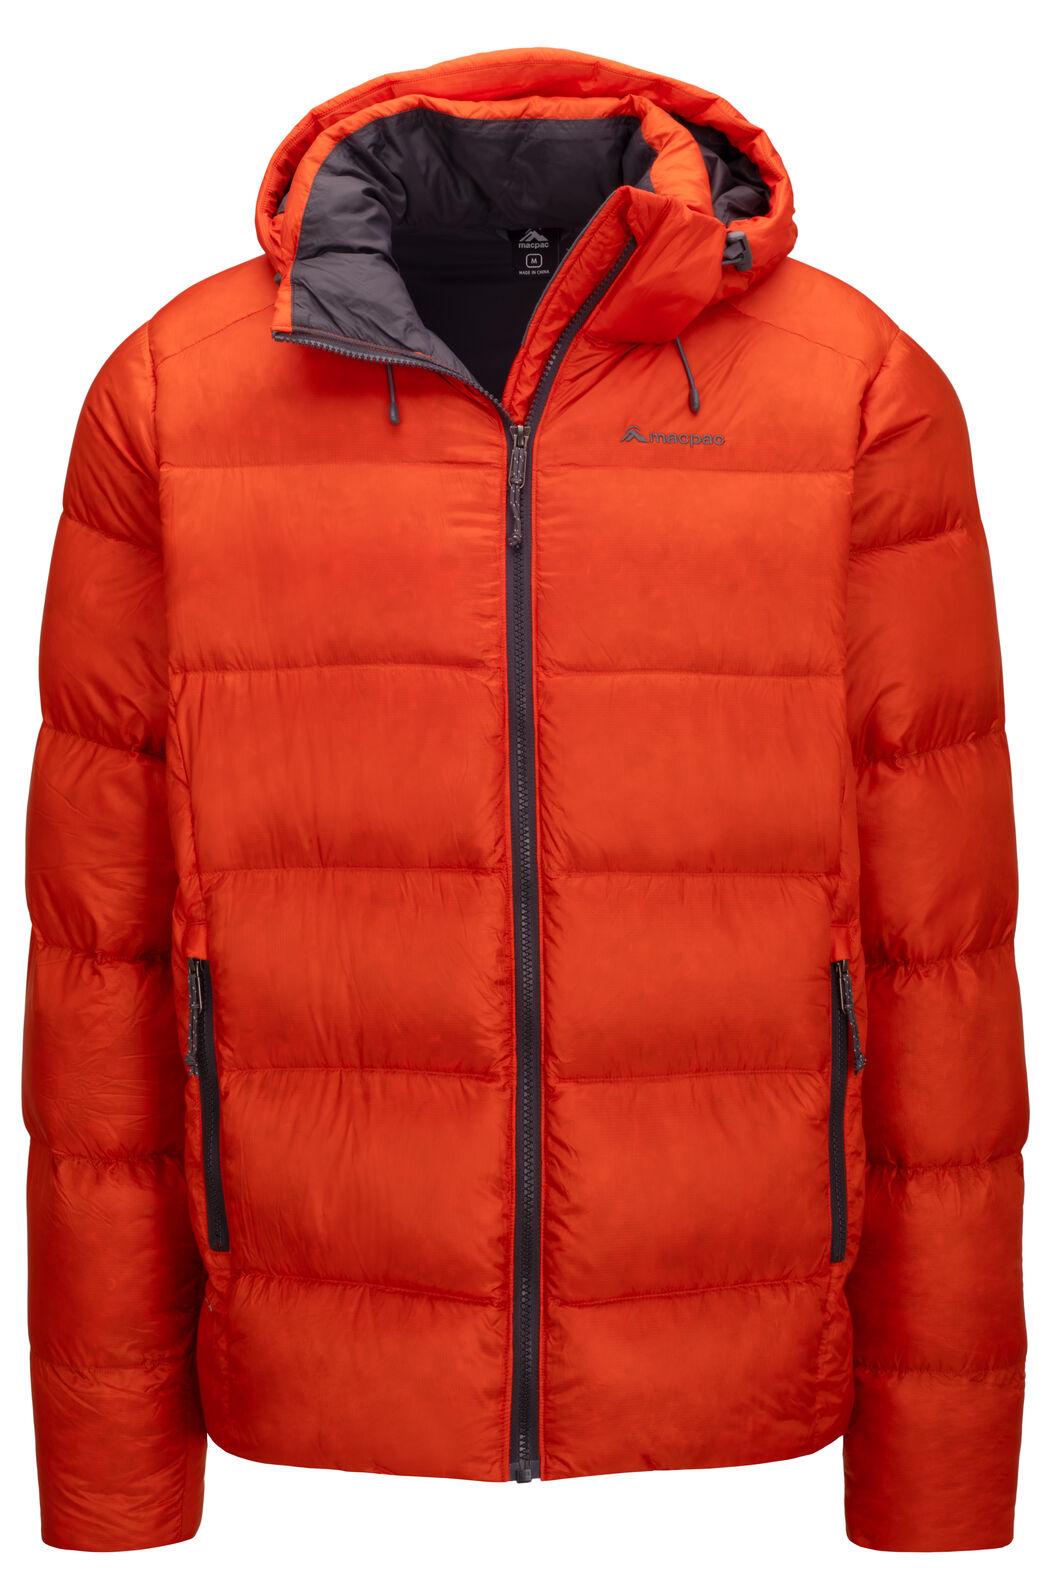 Macpac Men's Sundowner Pertex® Hooded Down Jacket, Pureed Pumpkin, hi-res